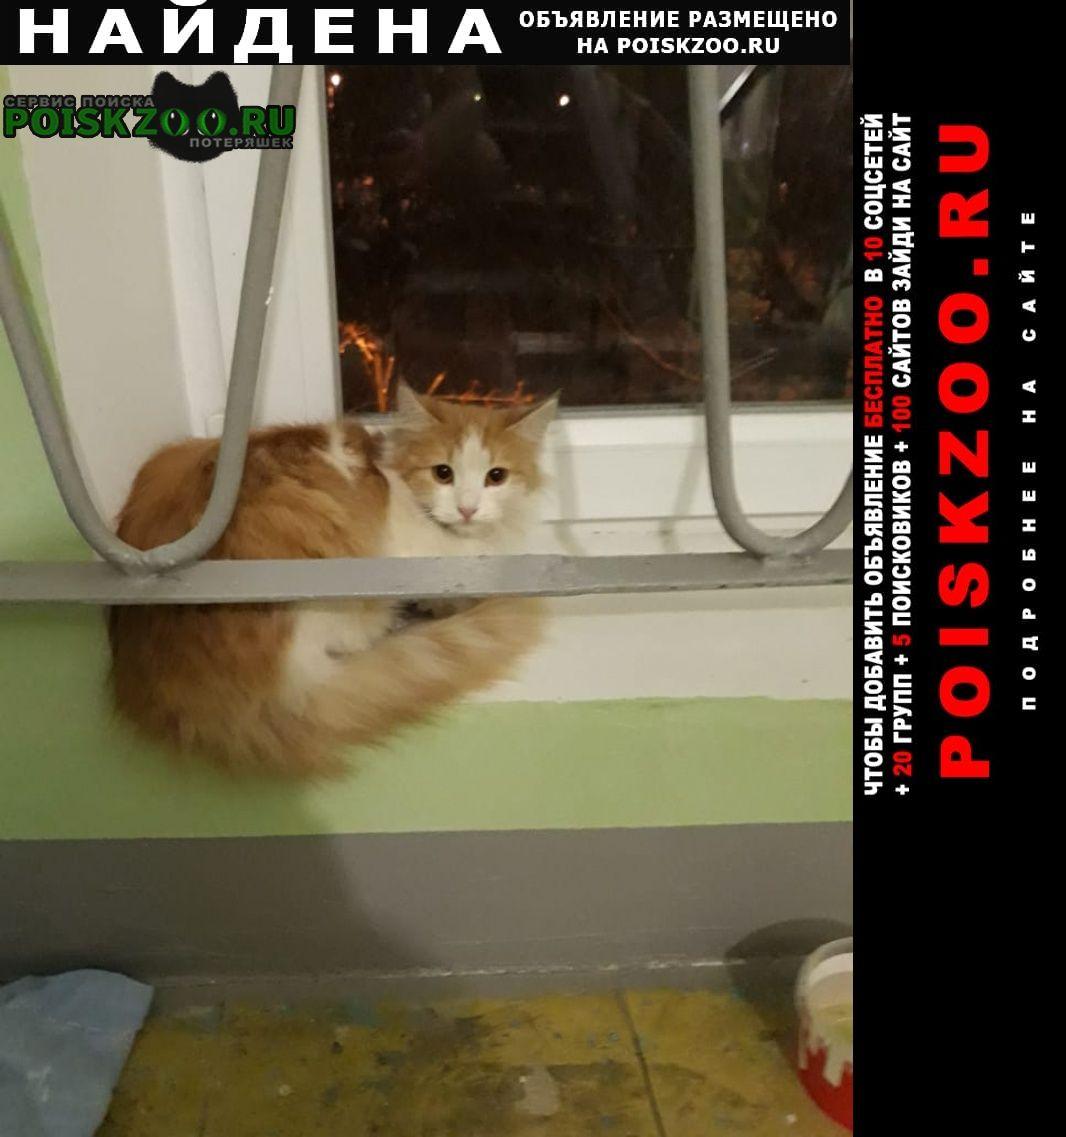 Найдена кошка Долгопрудный